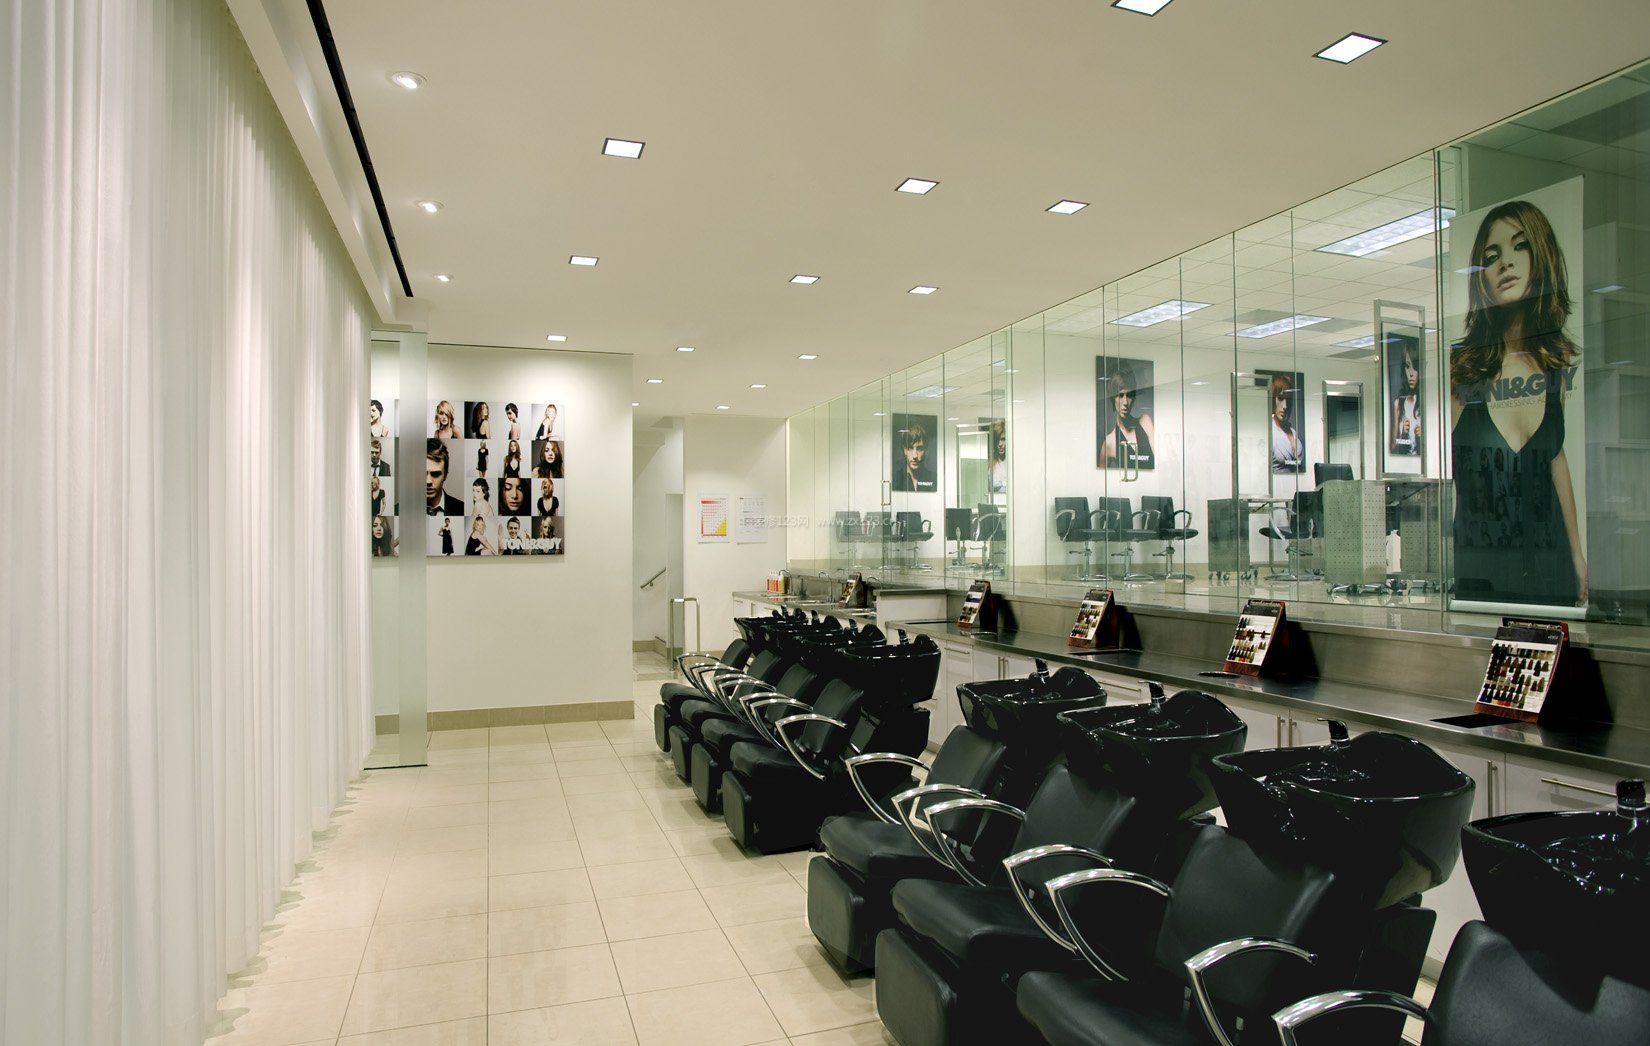 室内韩国美发店洗头房装饰装修图片